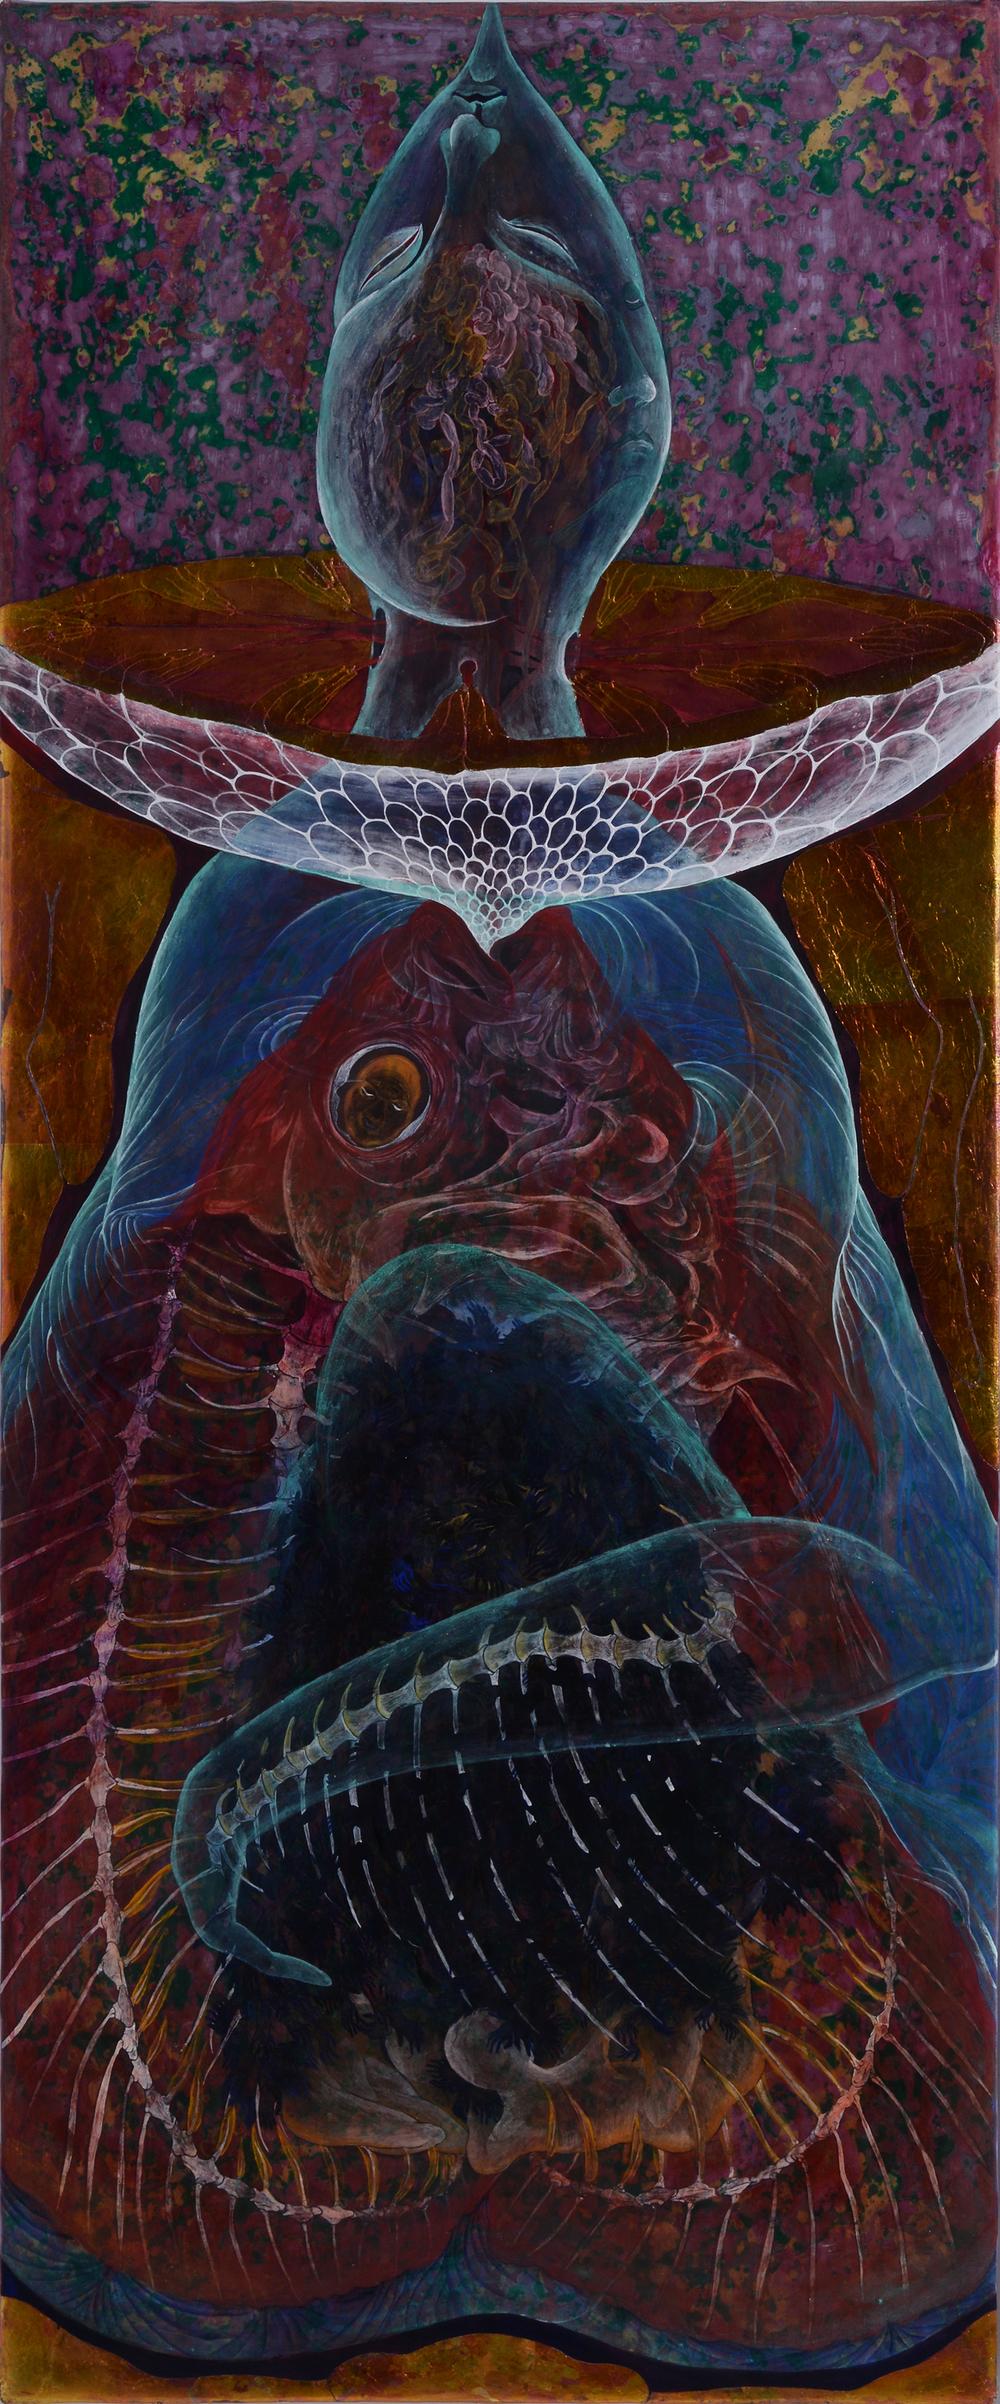 整血鸚鵡  120x45 cm  2014  膠彩壓克力麻布